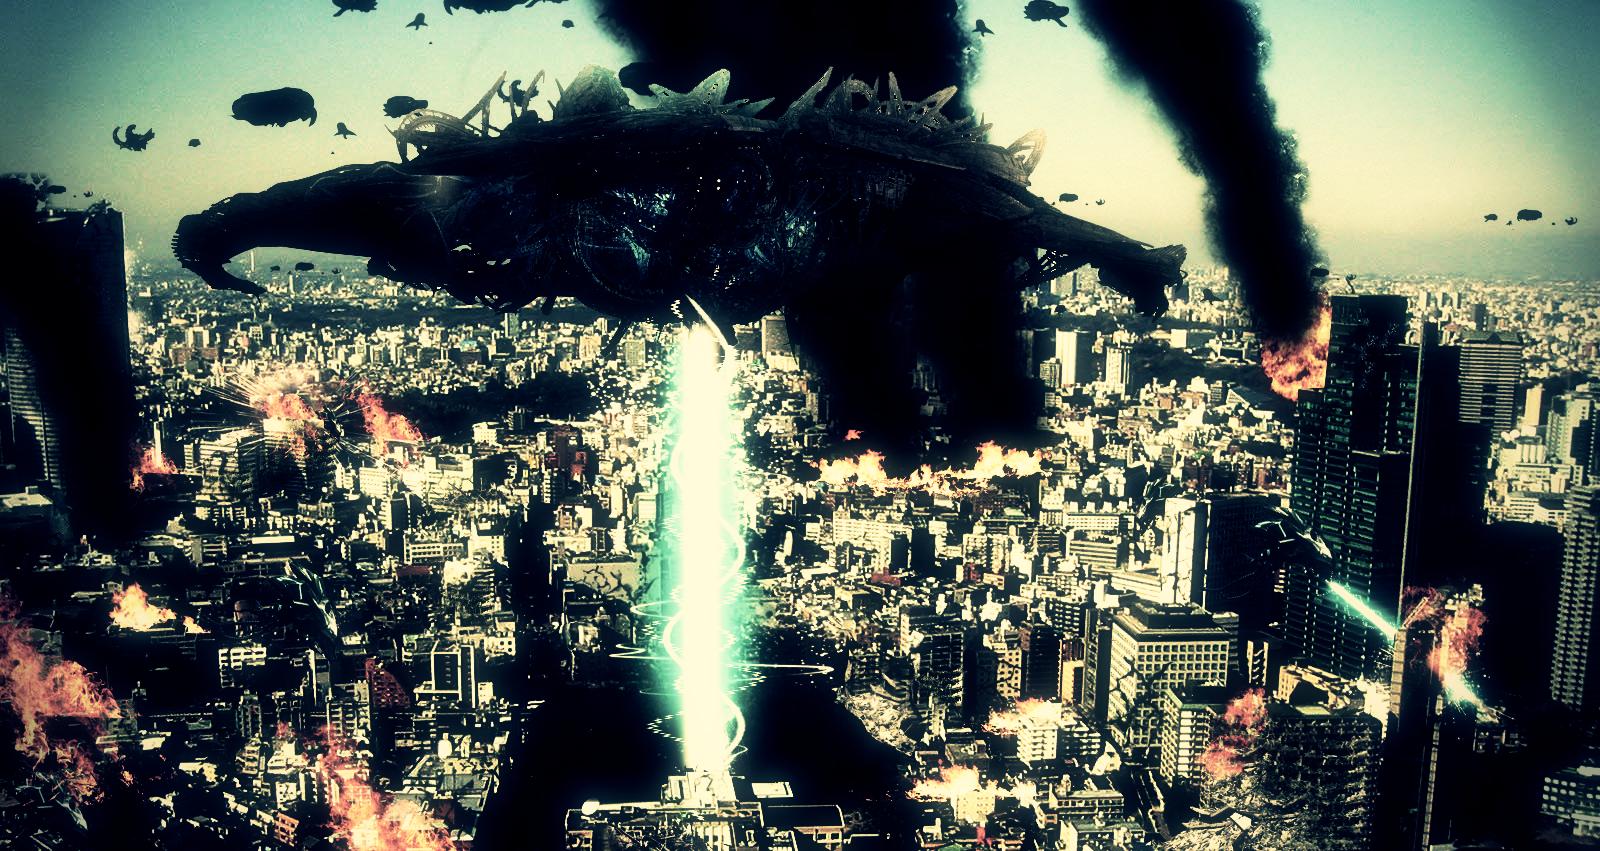 Alien Invasion by stiannius